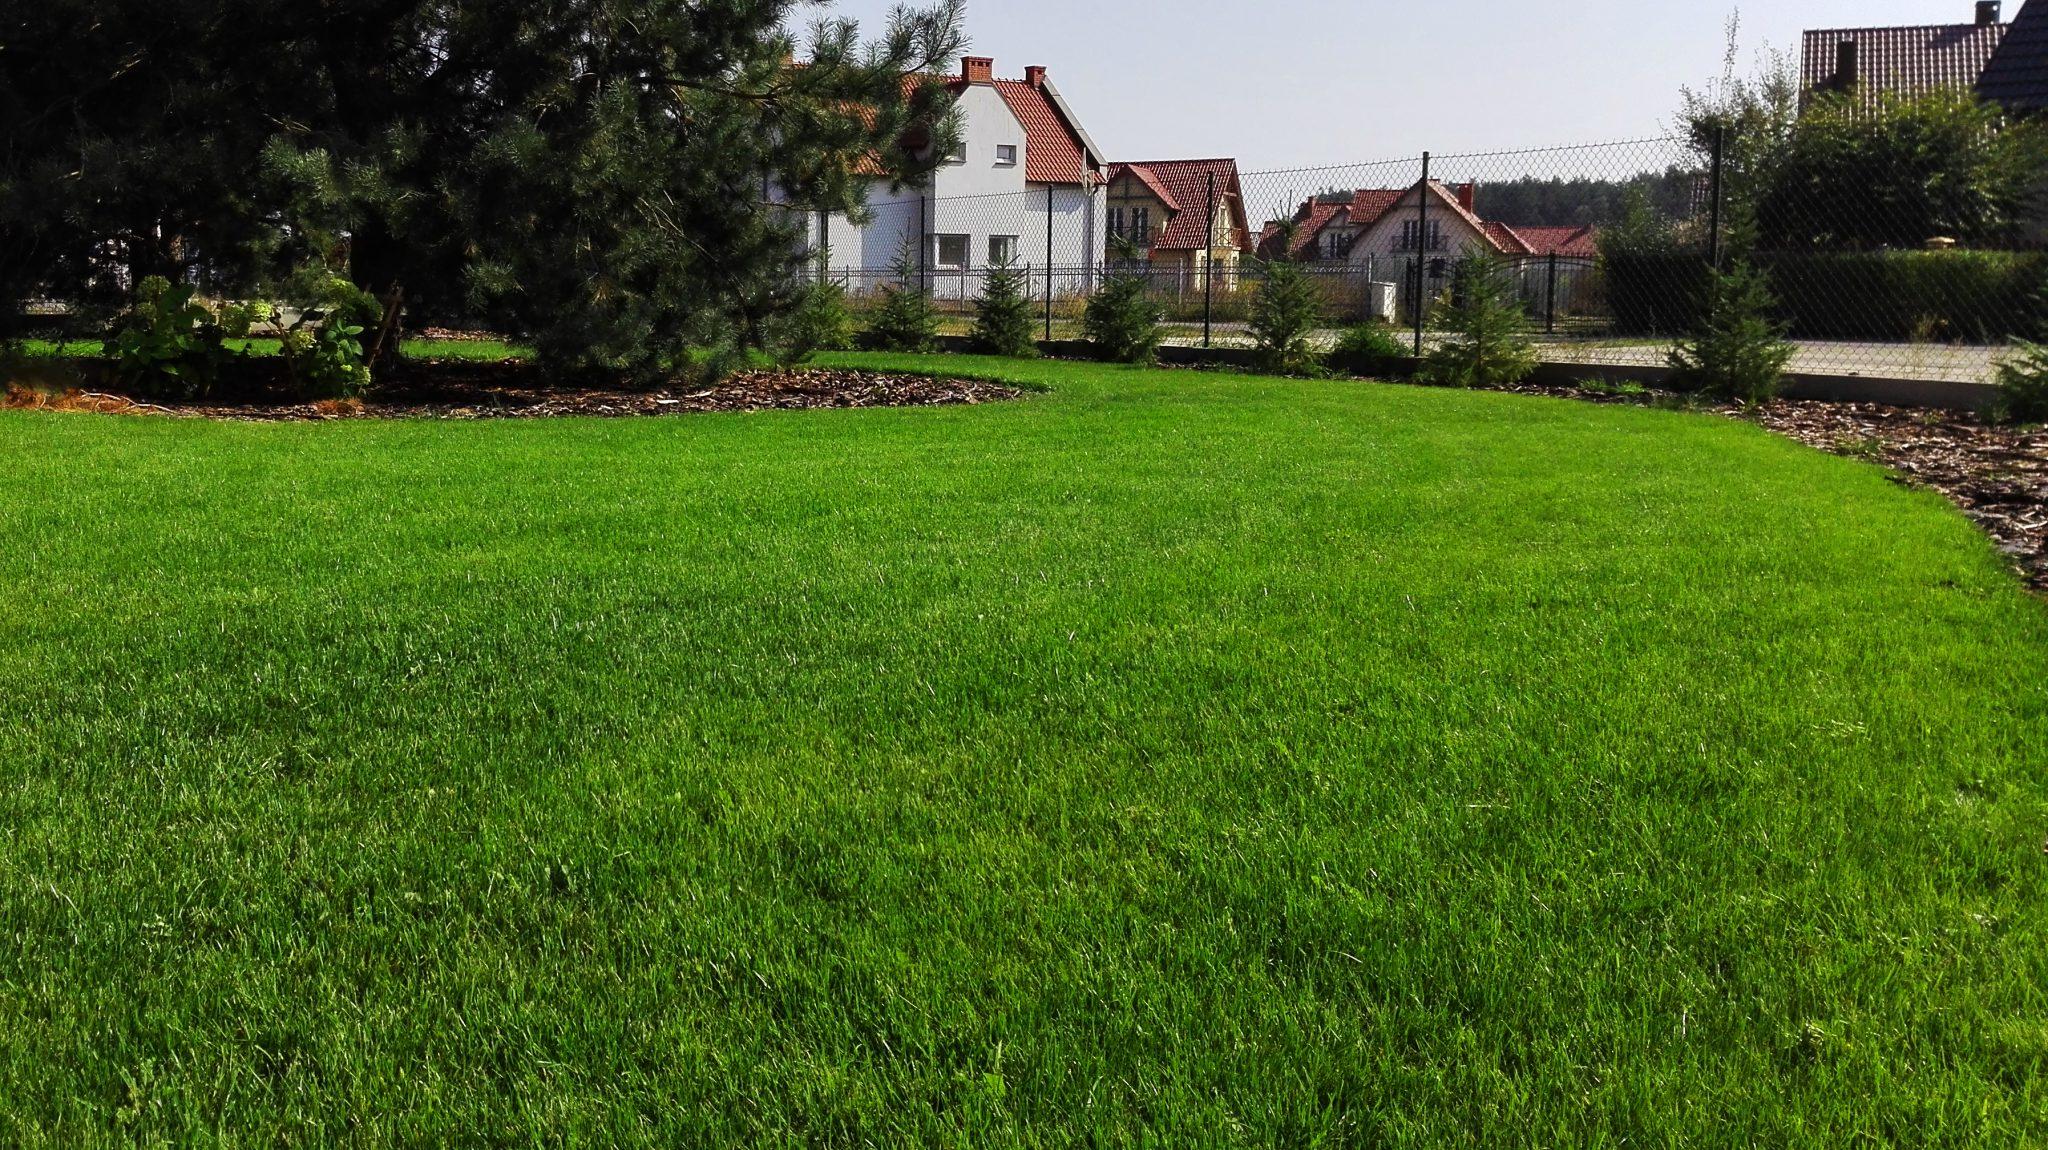 Dobry Ogród pielęgnacja i zakładanie trawnika